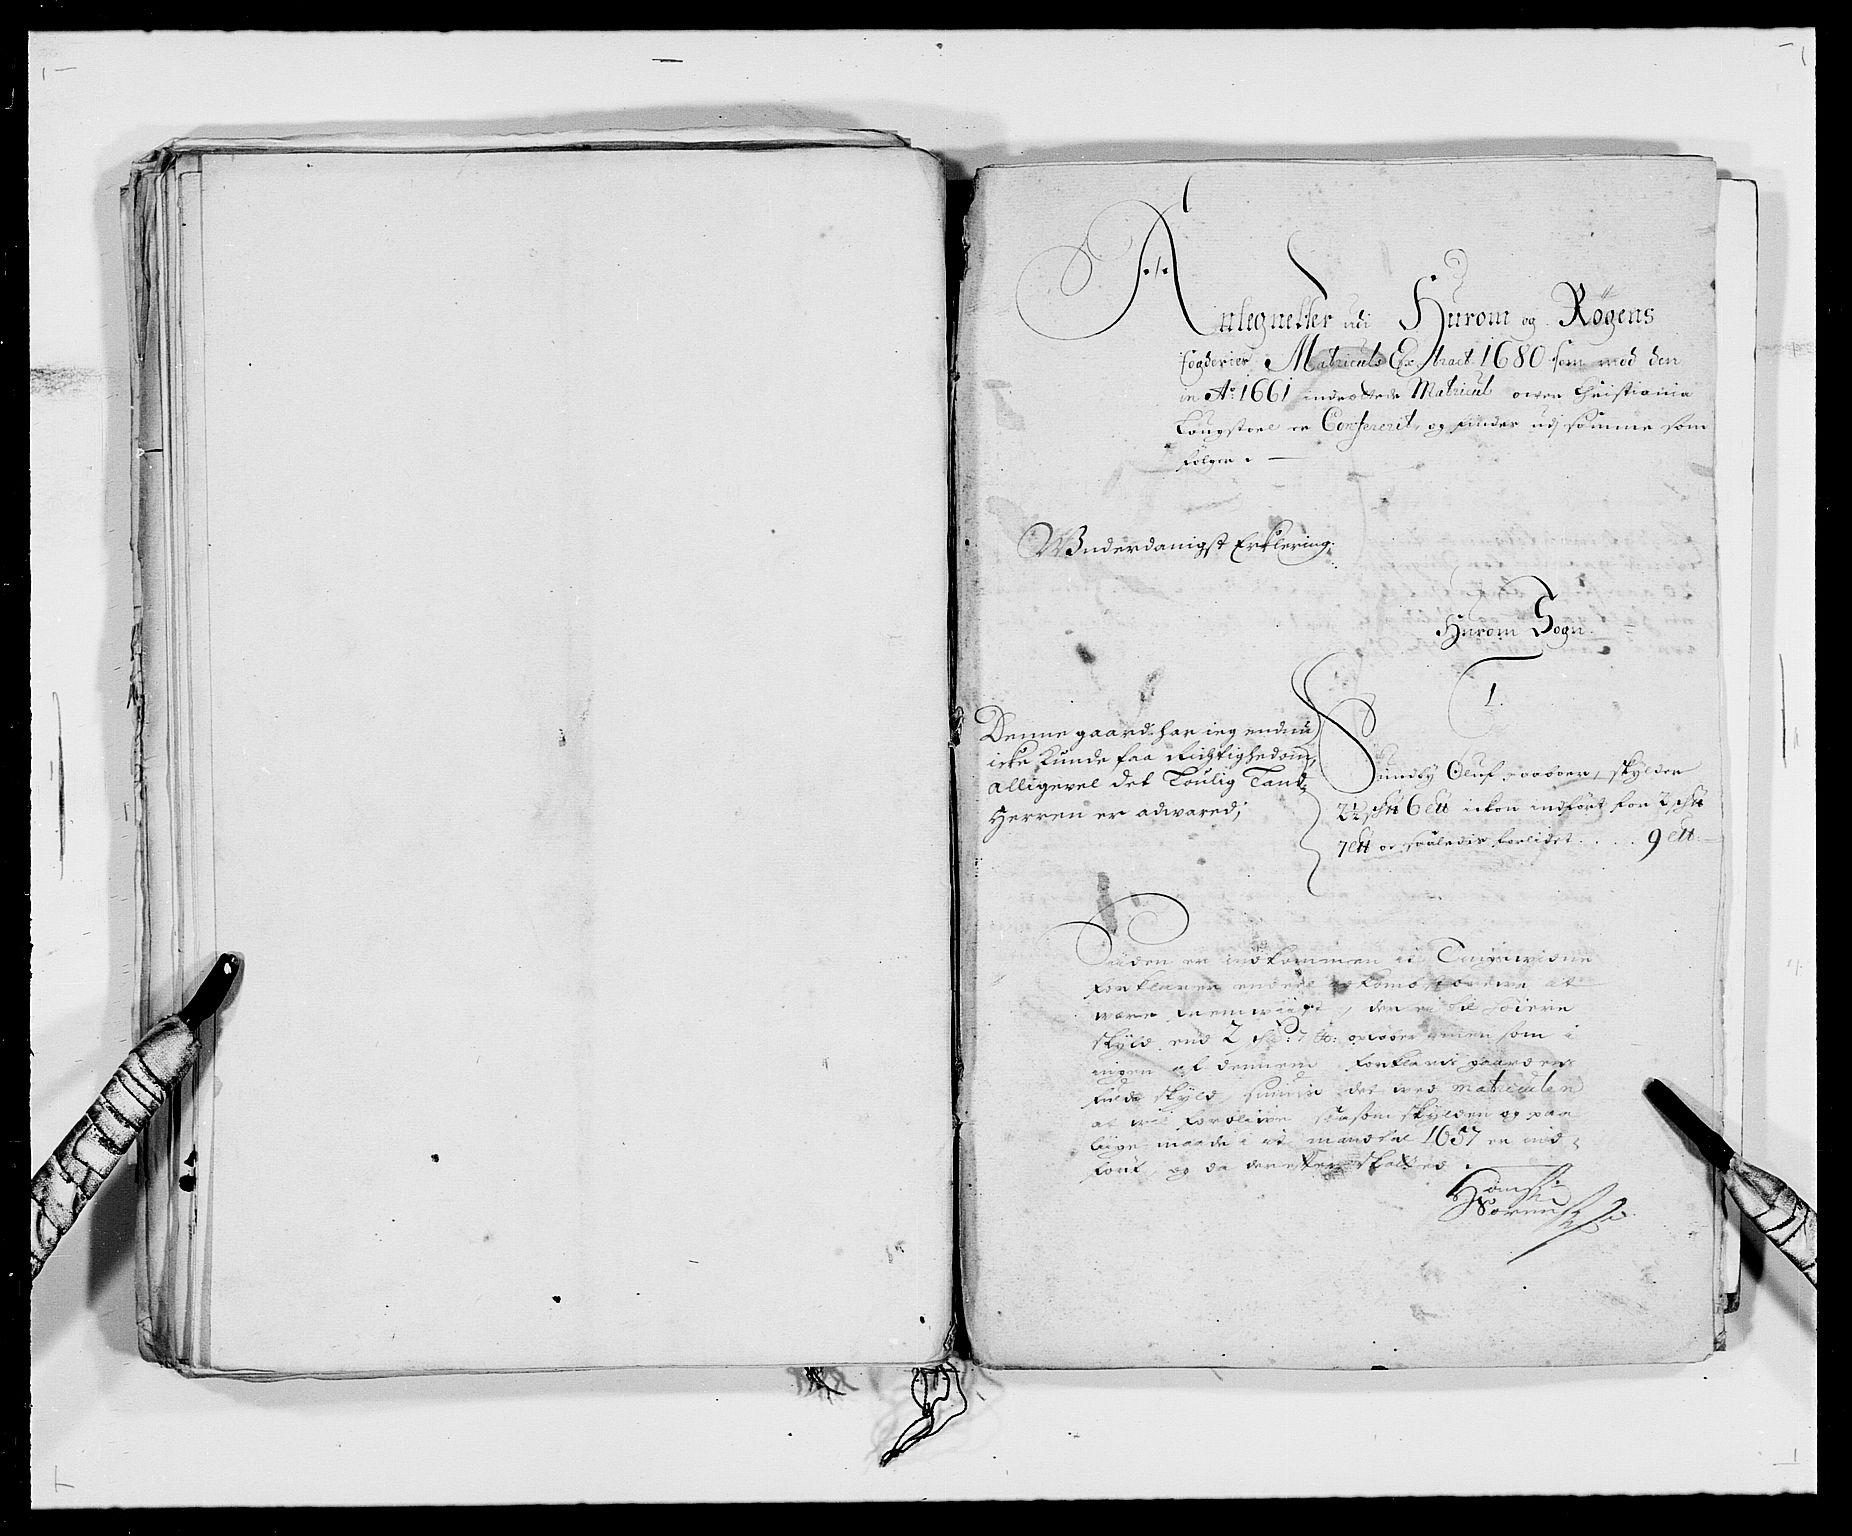 RA, Rentekammeret inntil 1814, Reviderte regnskaper, Fogderegnskap, R29/L1693: Fogderegnskap Hurum og Røyken, 1688-1693, s. 378